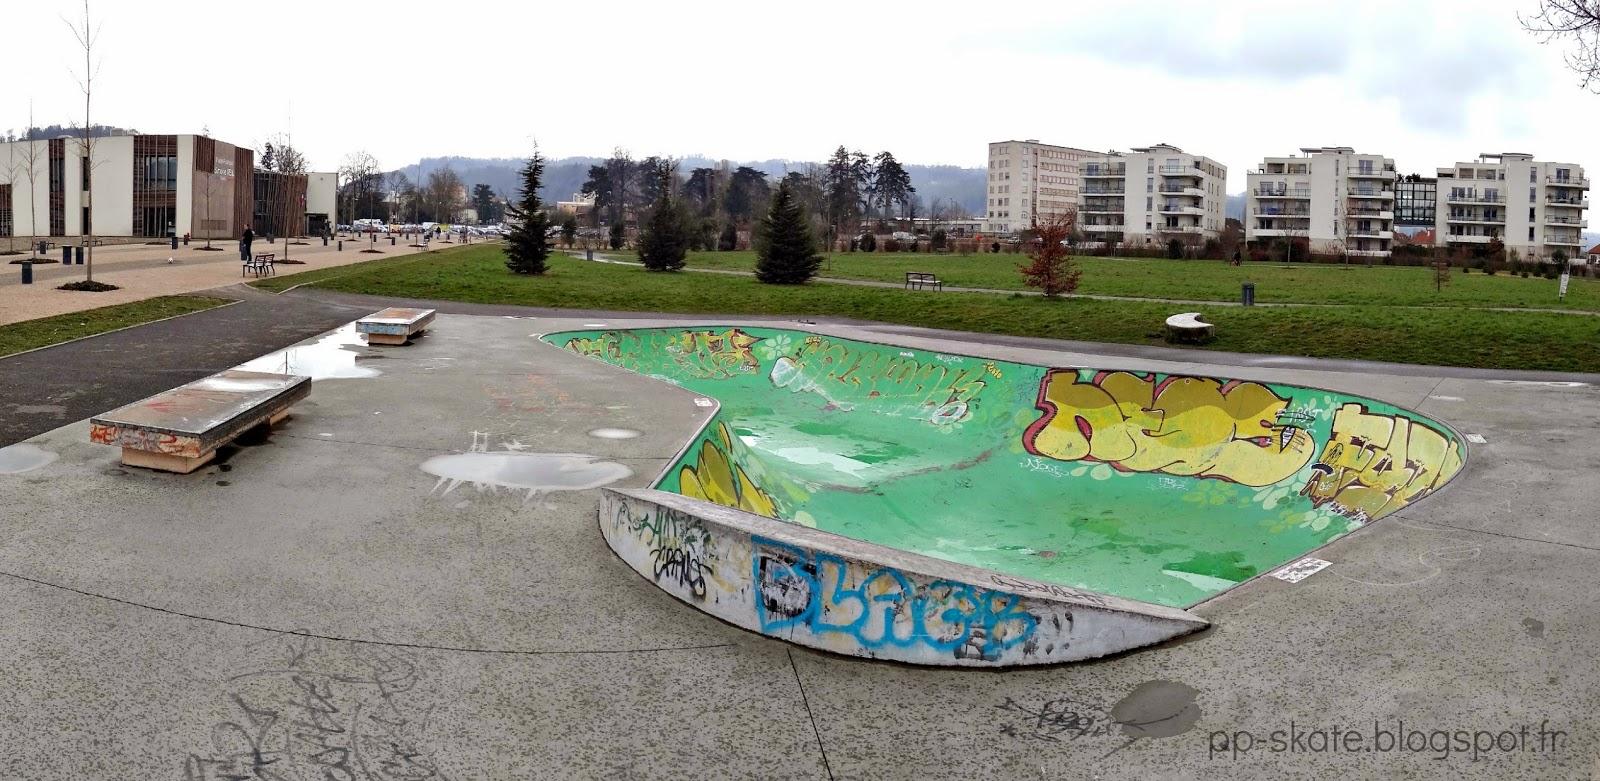 Bowl Bourgoin Jallieu